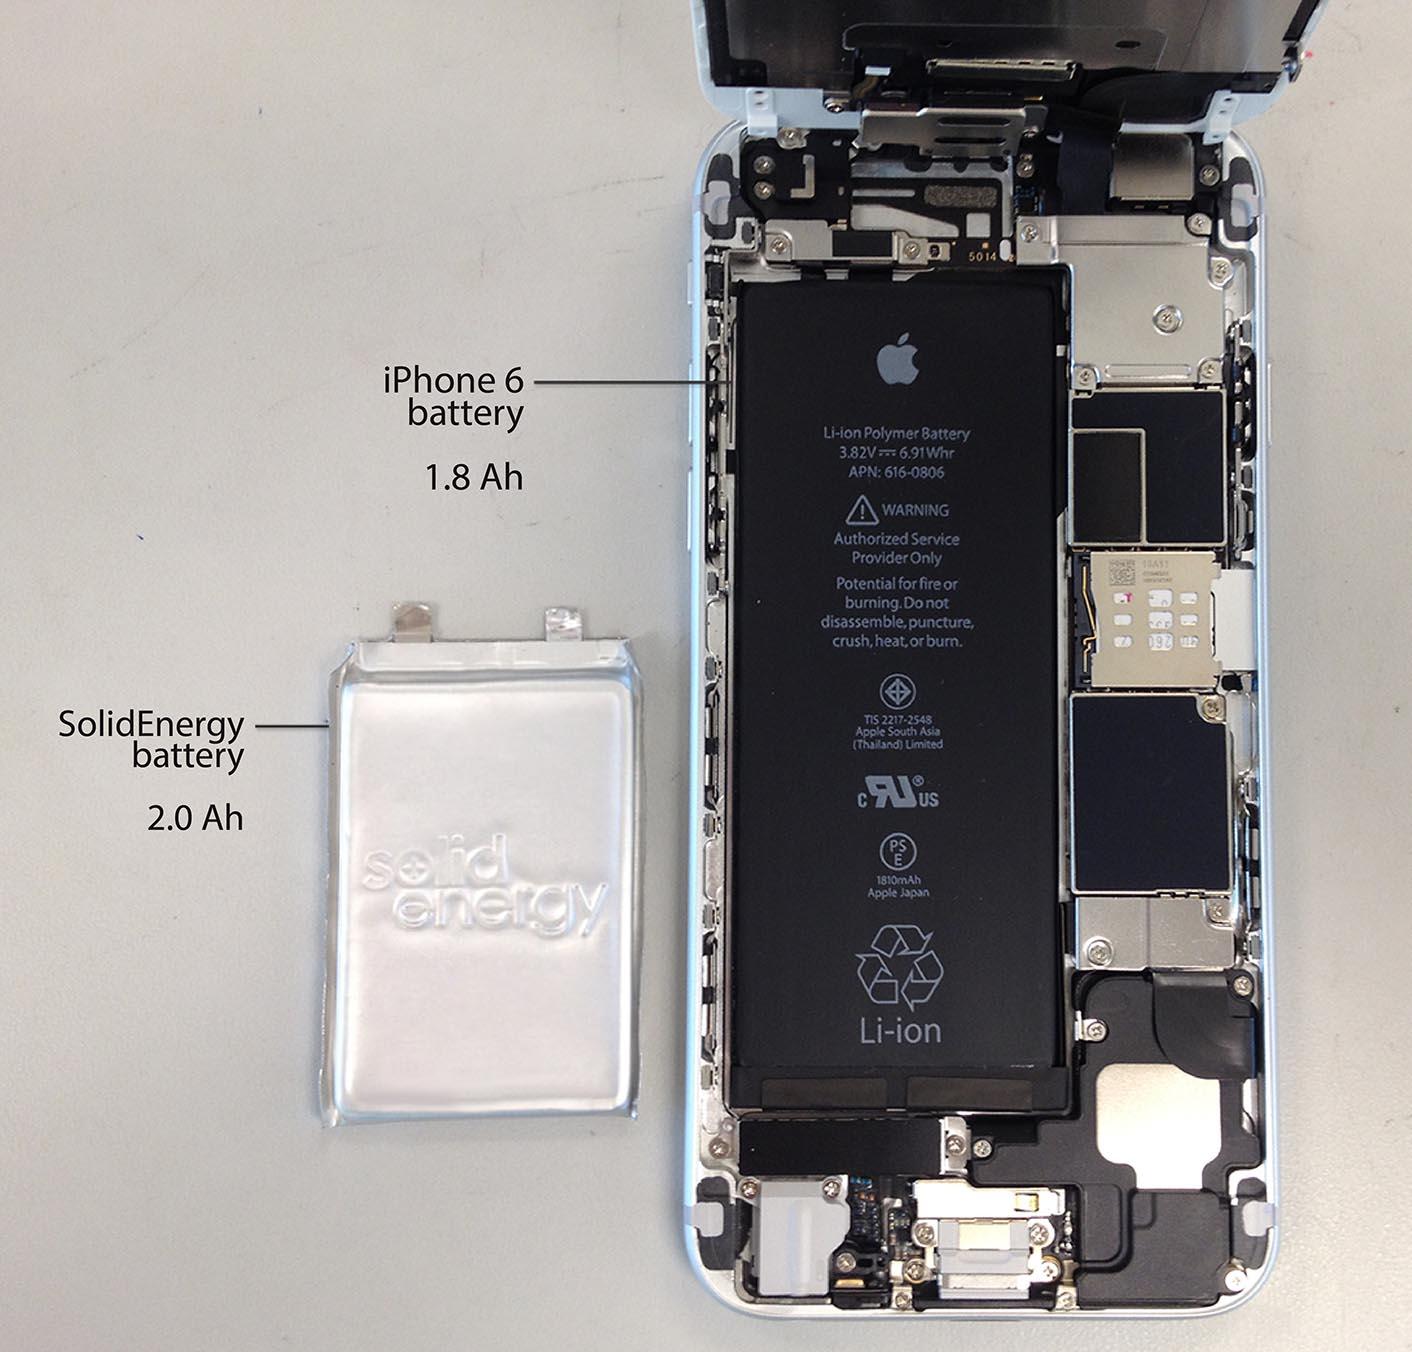 Batterie SolidEnergy